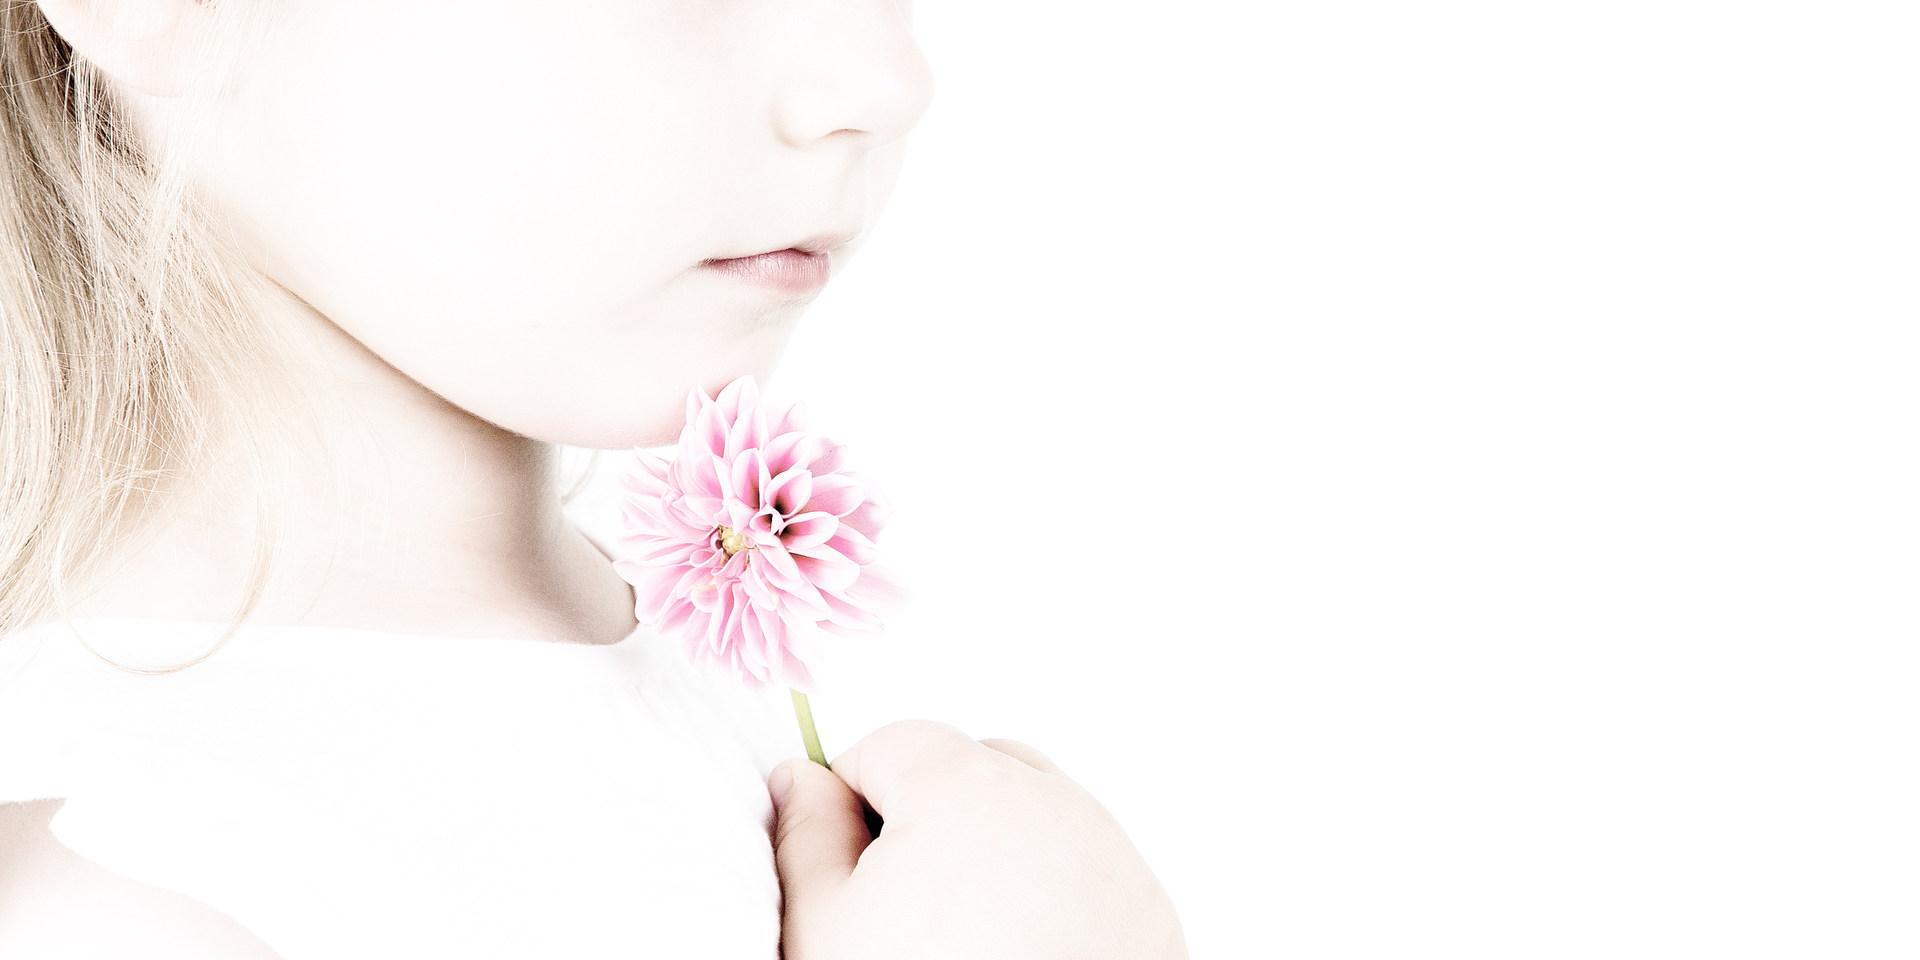 Pige med blomst